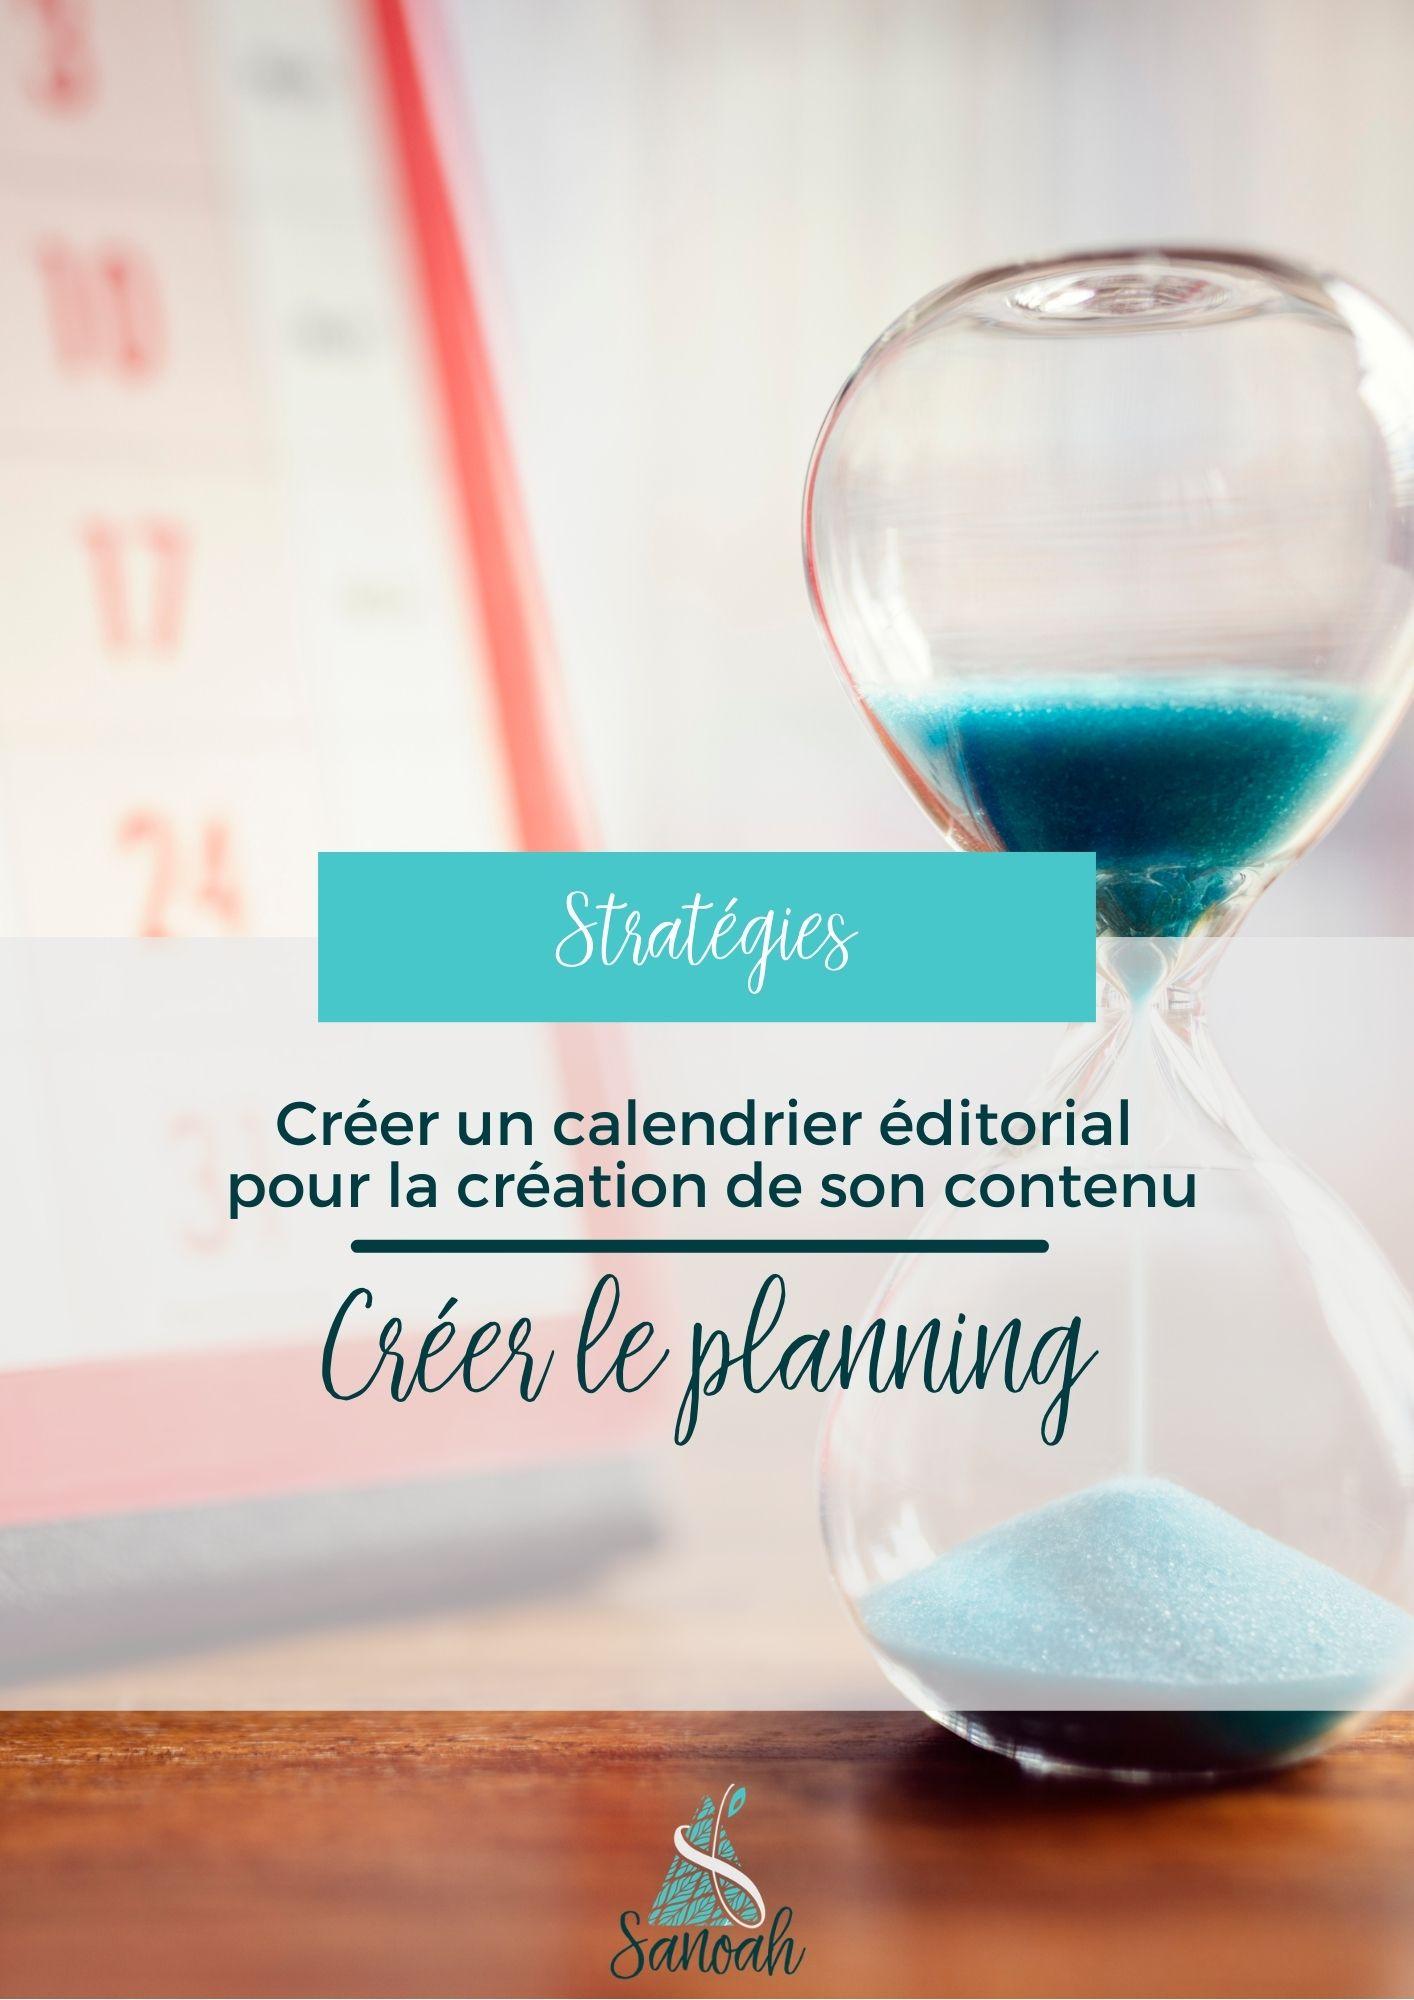 Créer un calendrier éditorial pour la création de son contenu_crée le planning